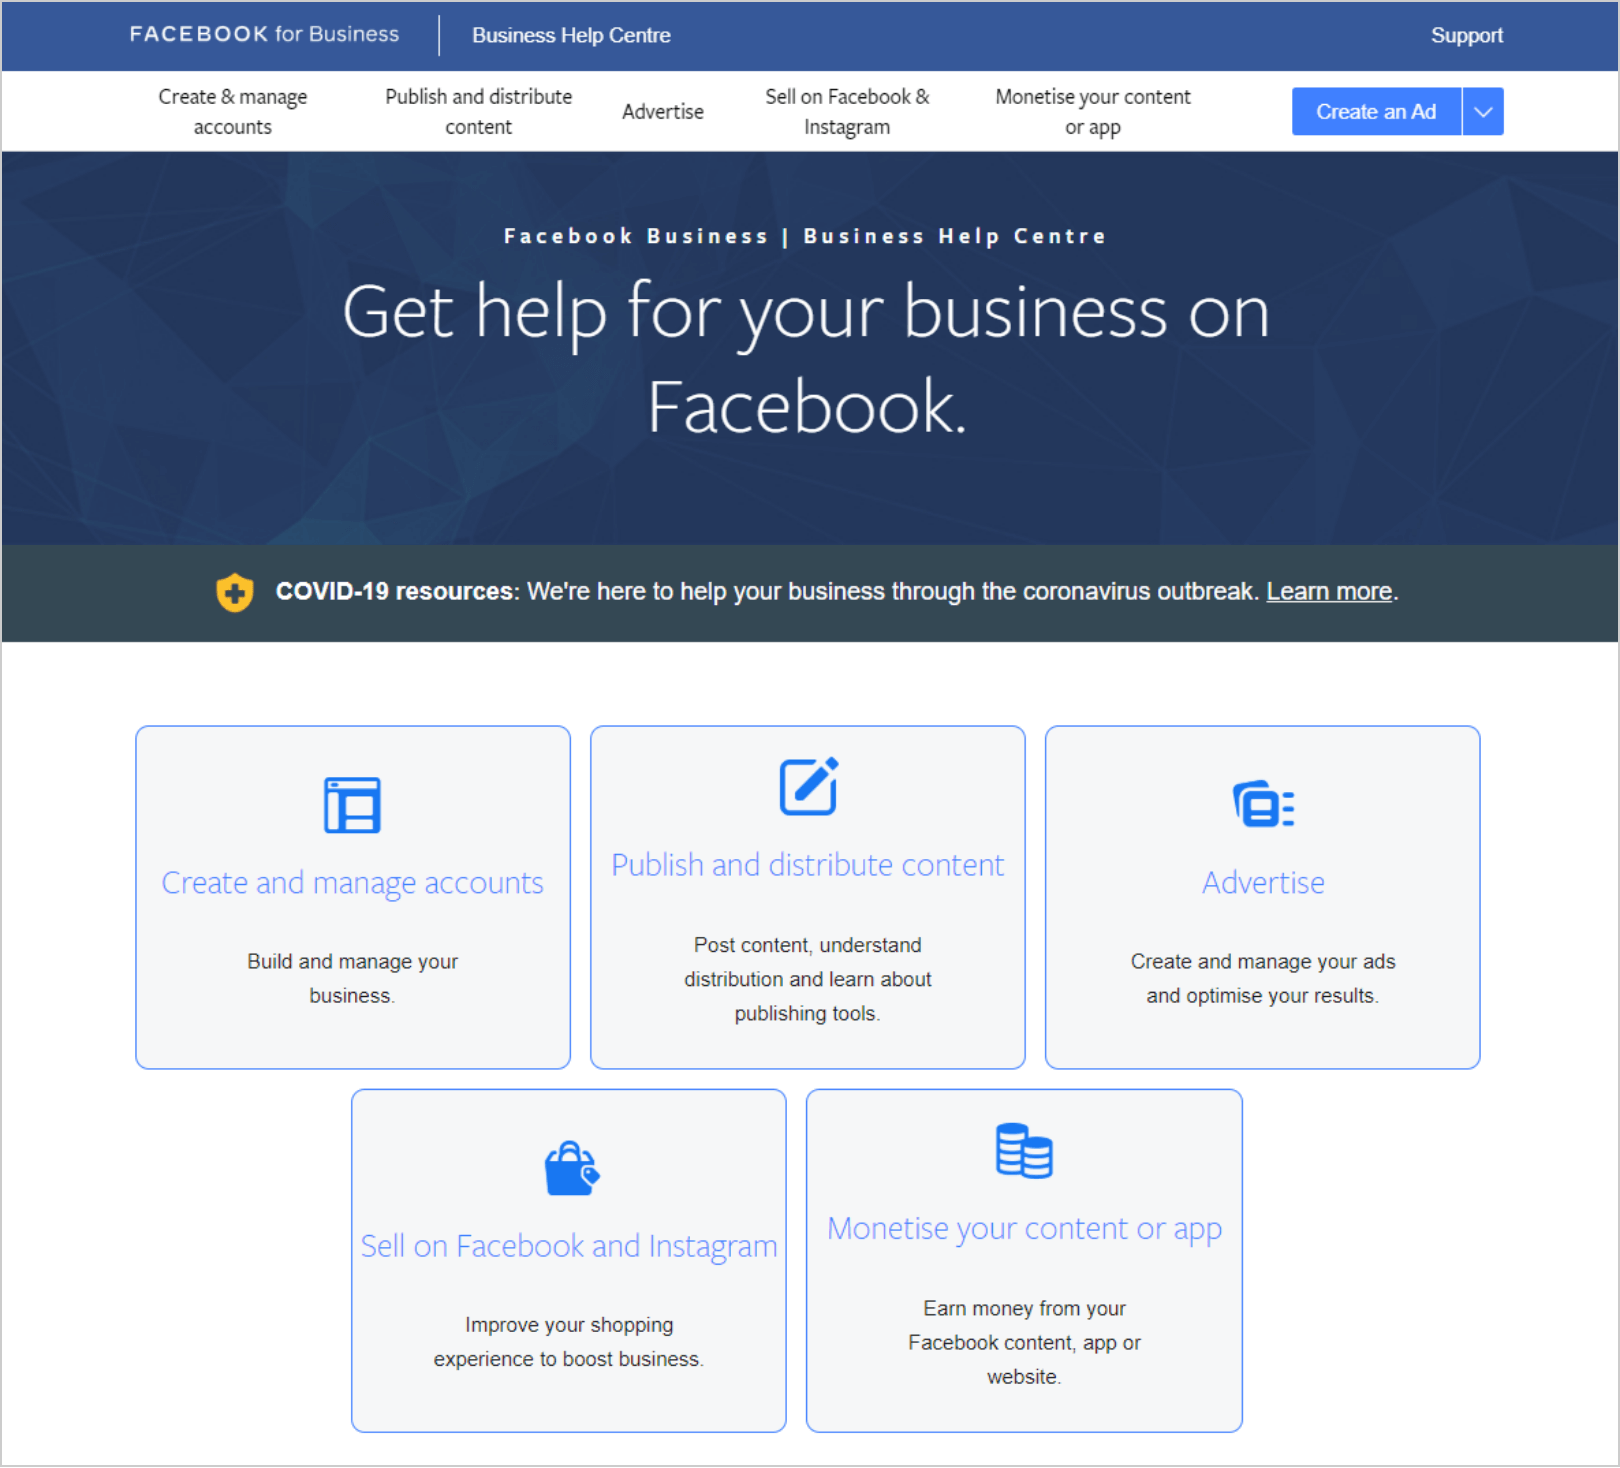 facebook business help center